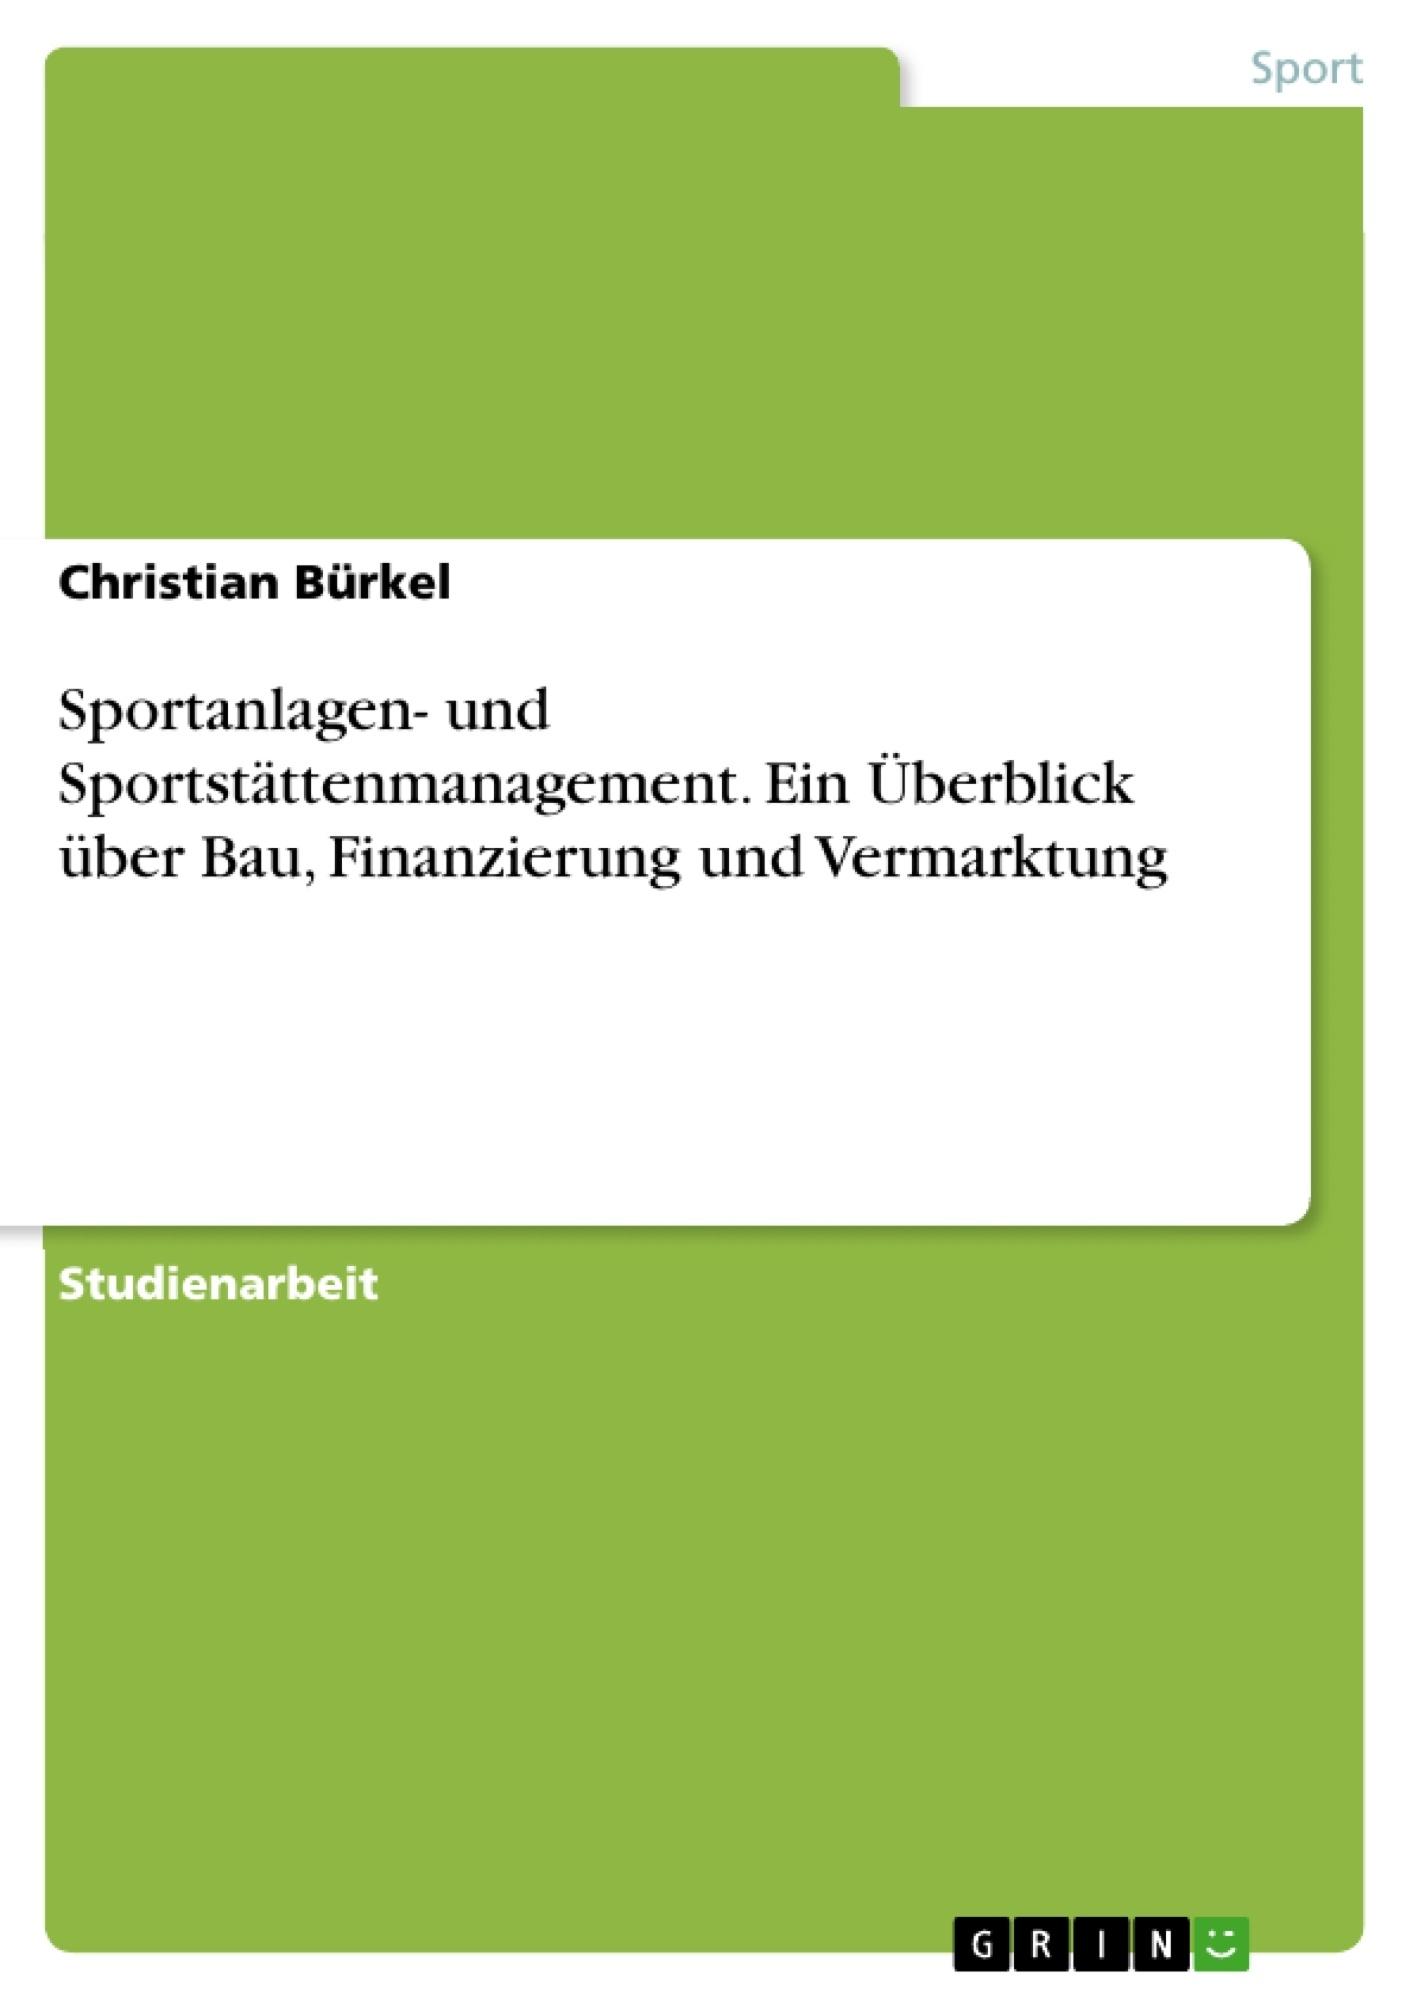 Titel: Sportanlagen- und Sportstättenmanagement. Ein Überblick über Bau, Finanzierung und Vermarktung